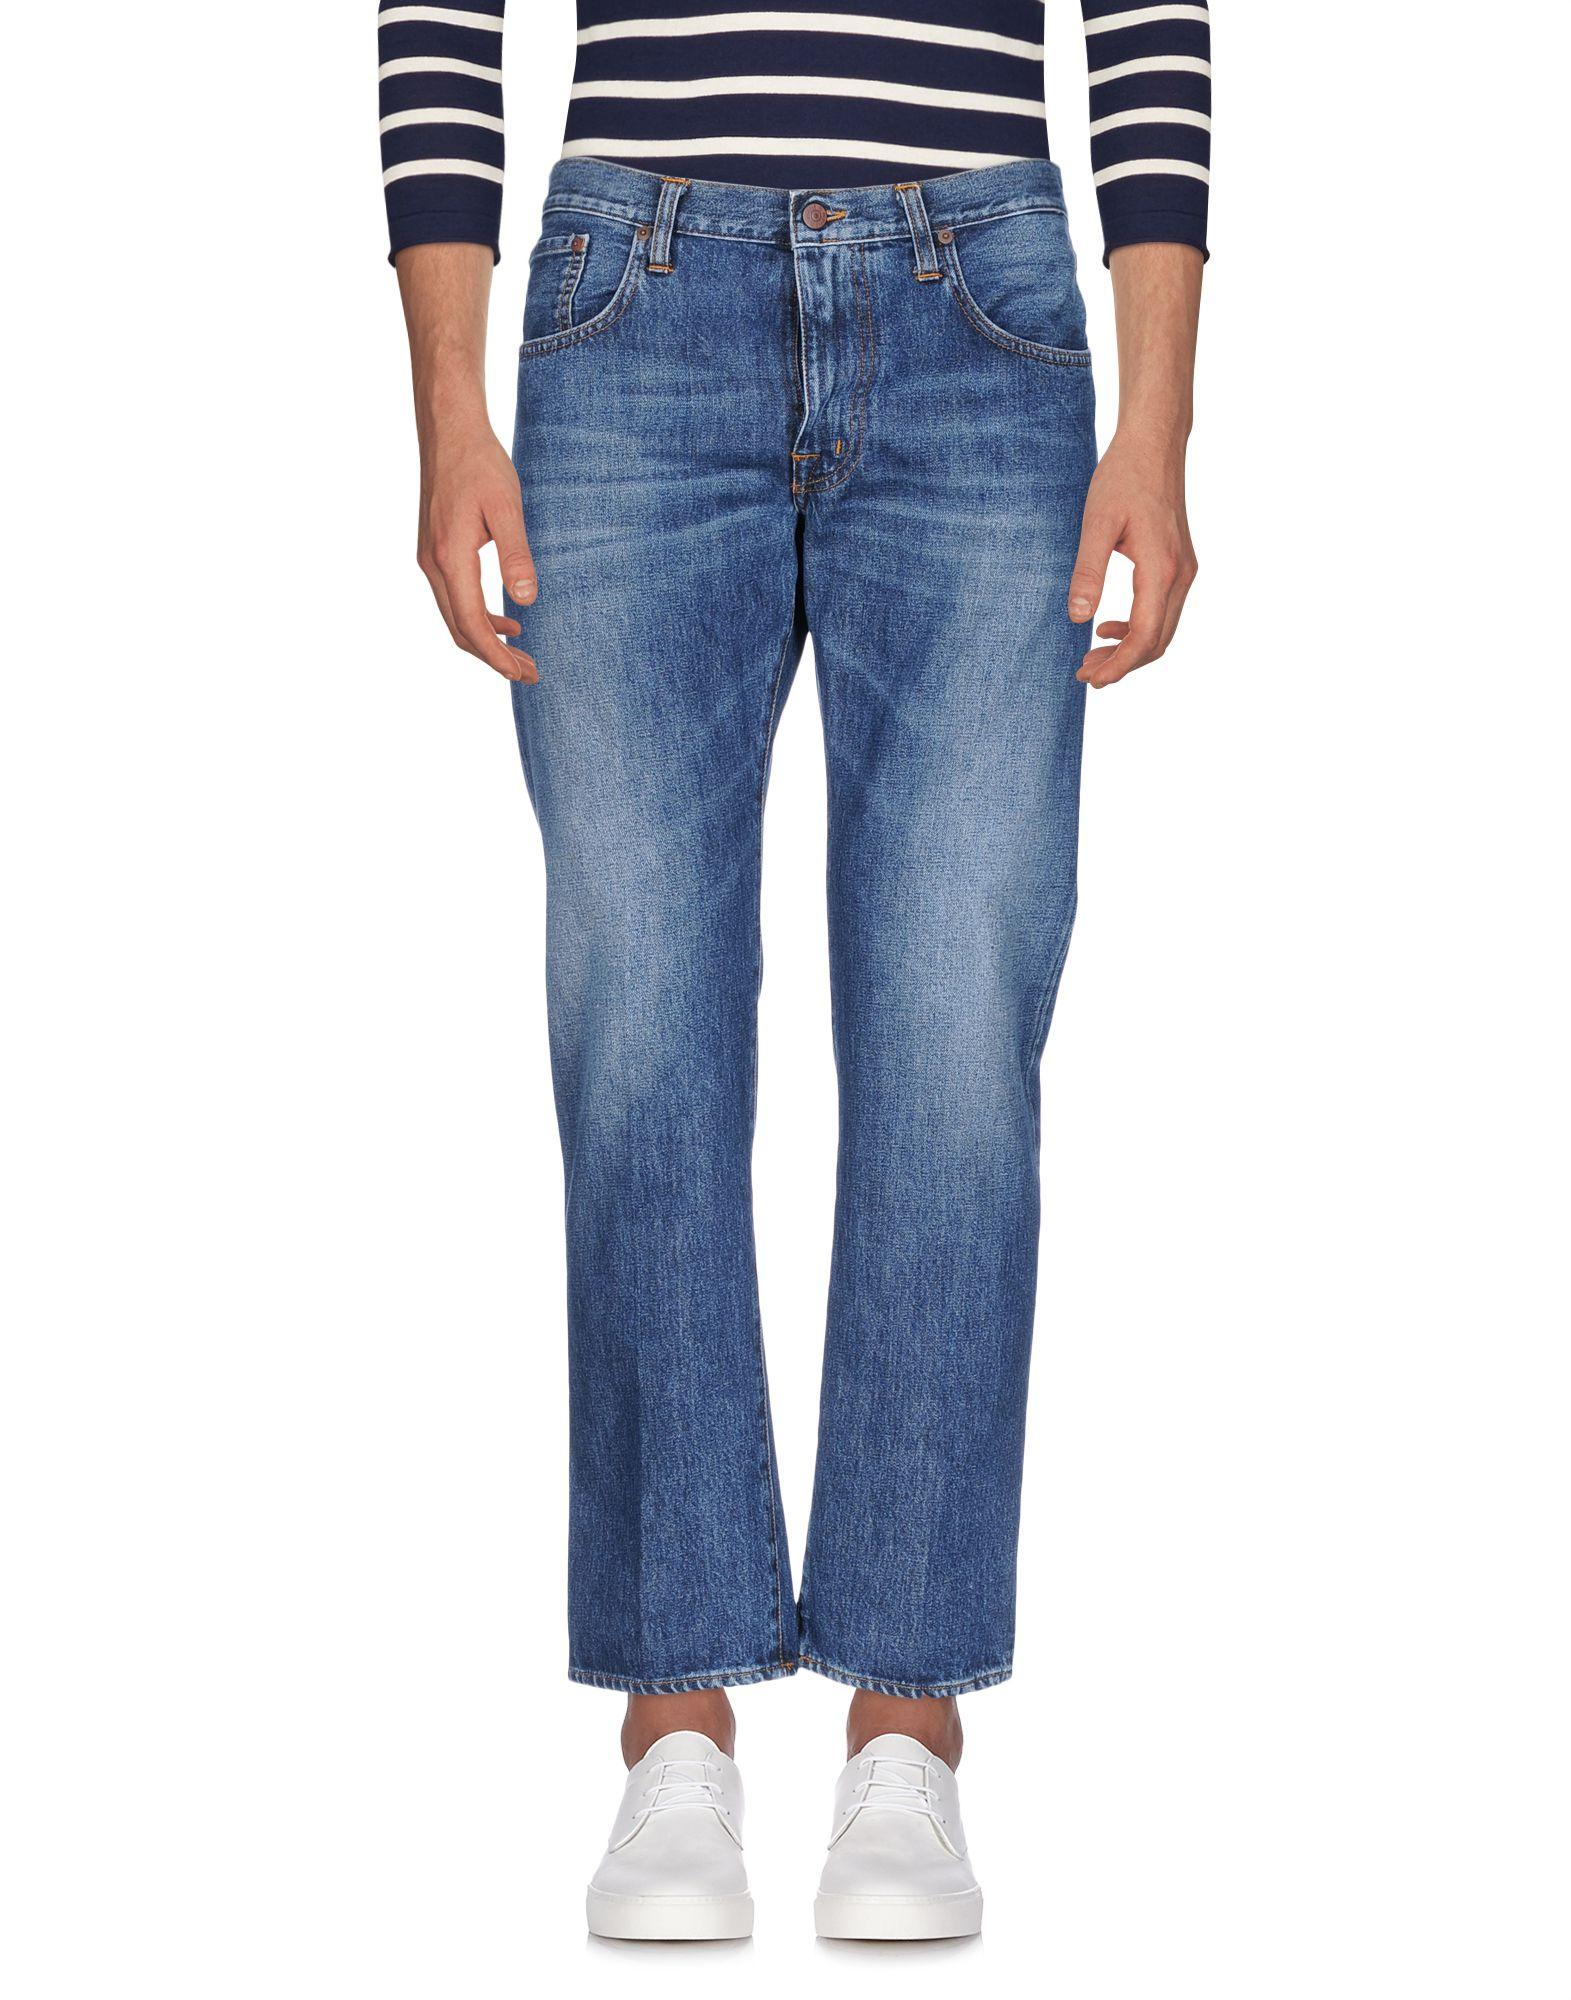 Pantaloni (+) Jeans (+) Pantaloni People Uomo - 42624252GU b392a1